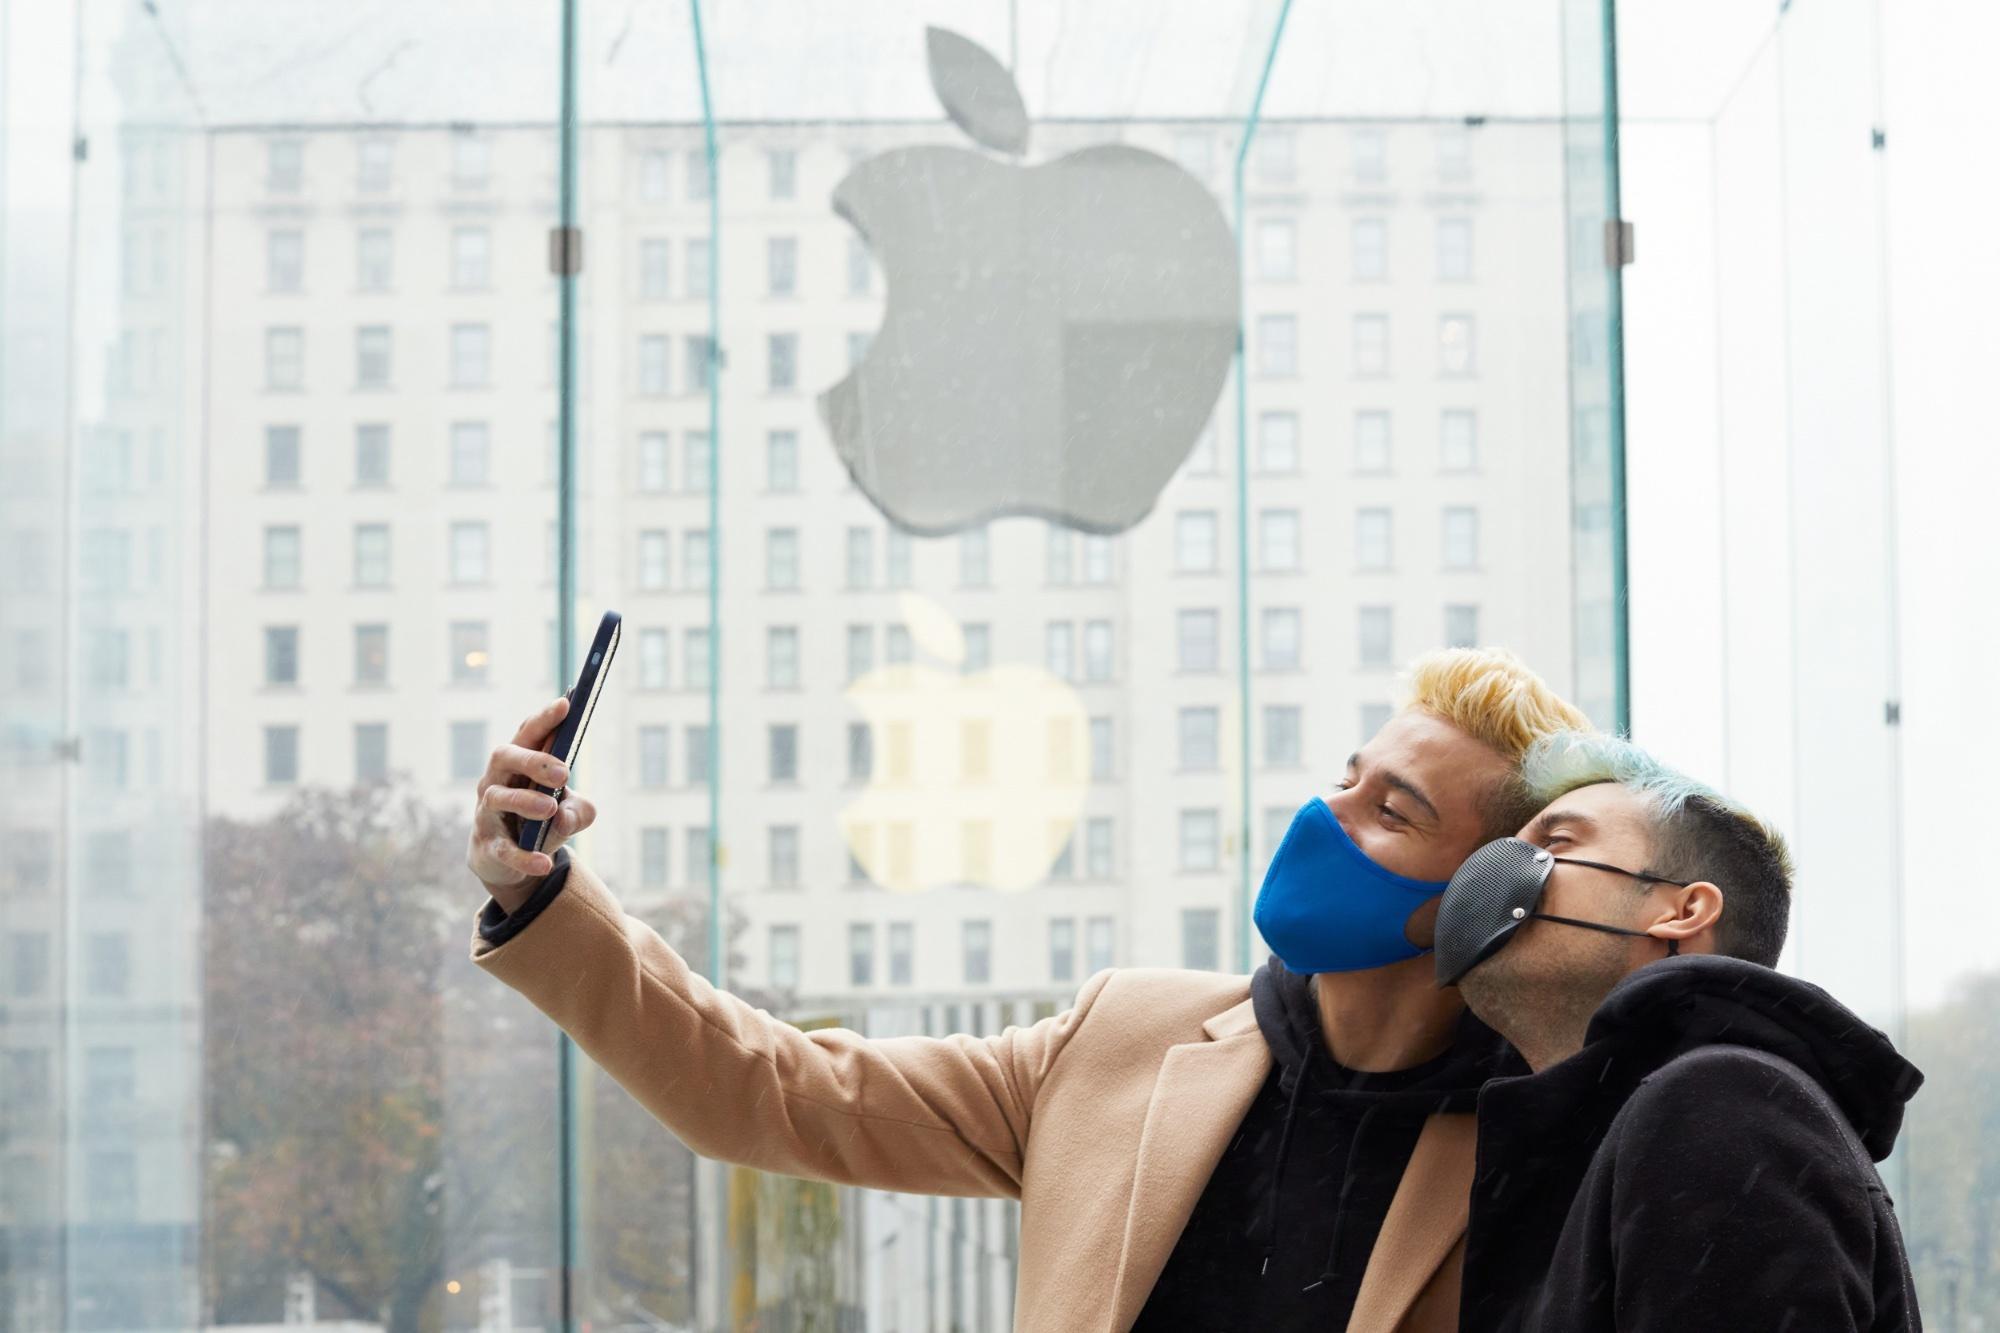 Los iPhone 13 incluirán baterías de gran tamaño y duración